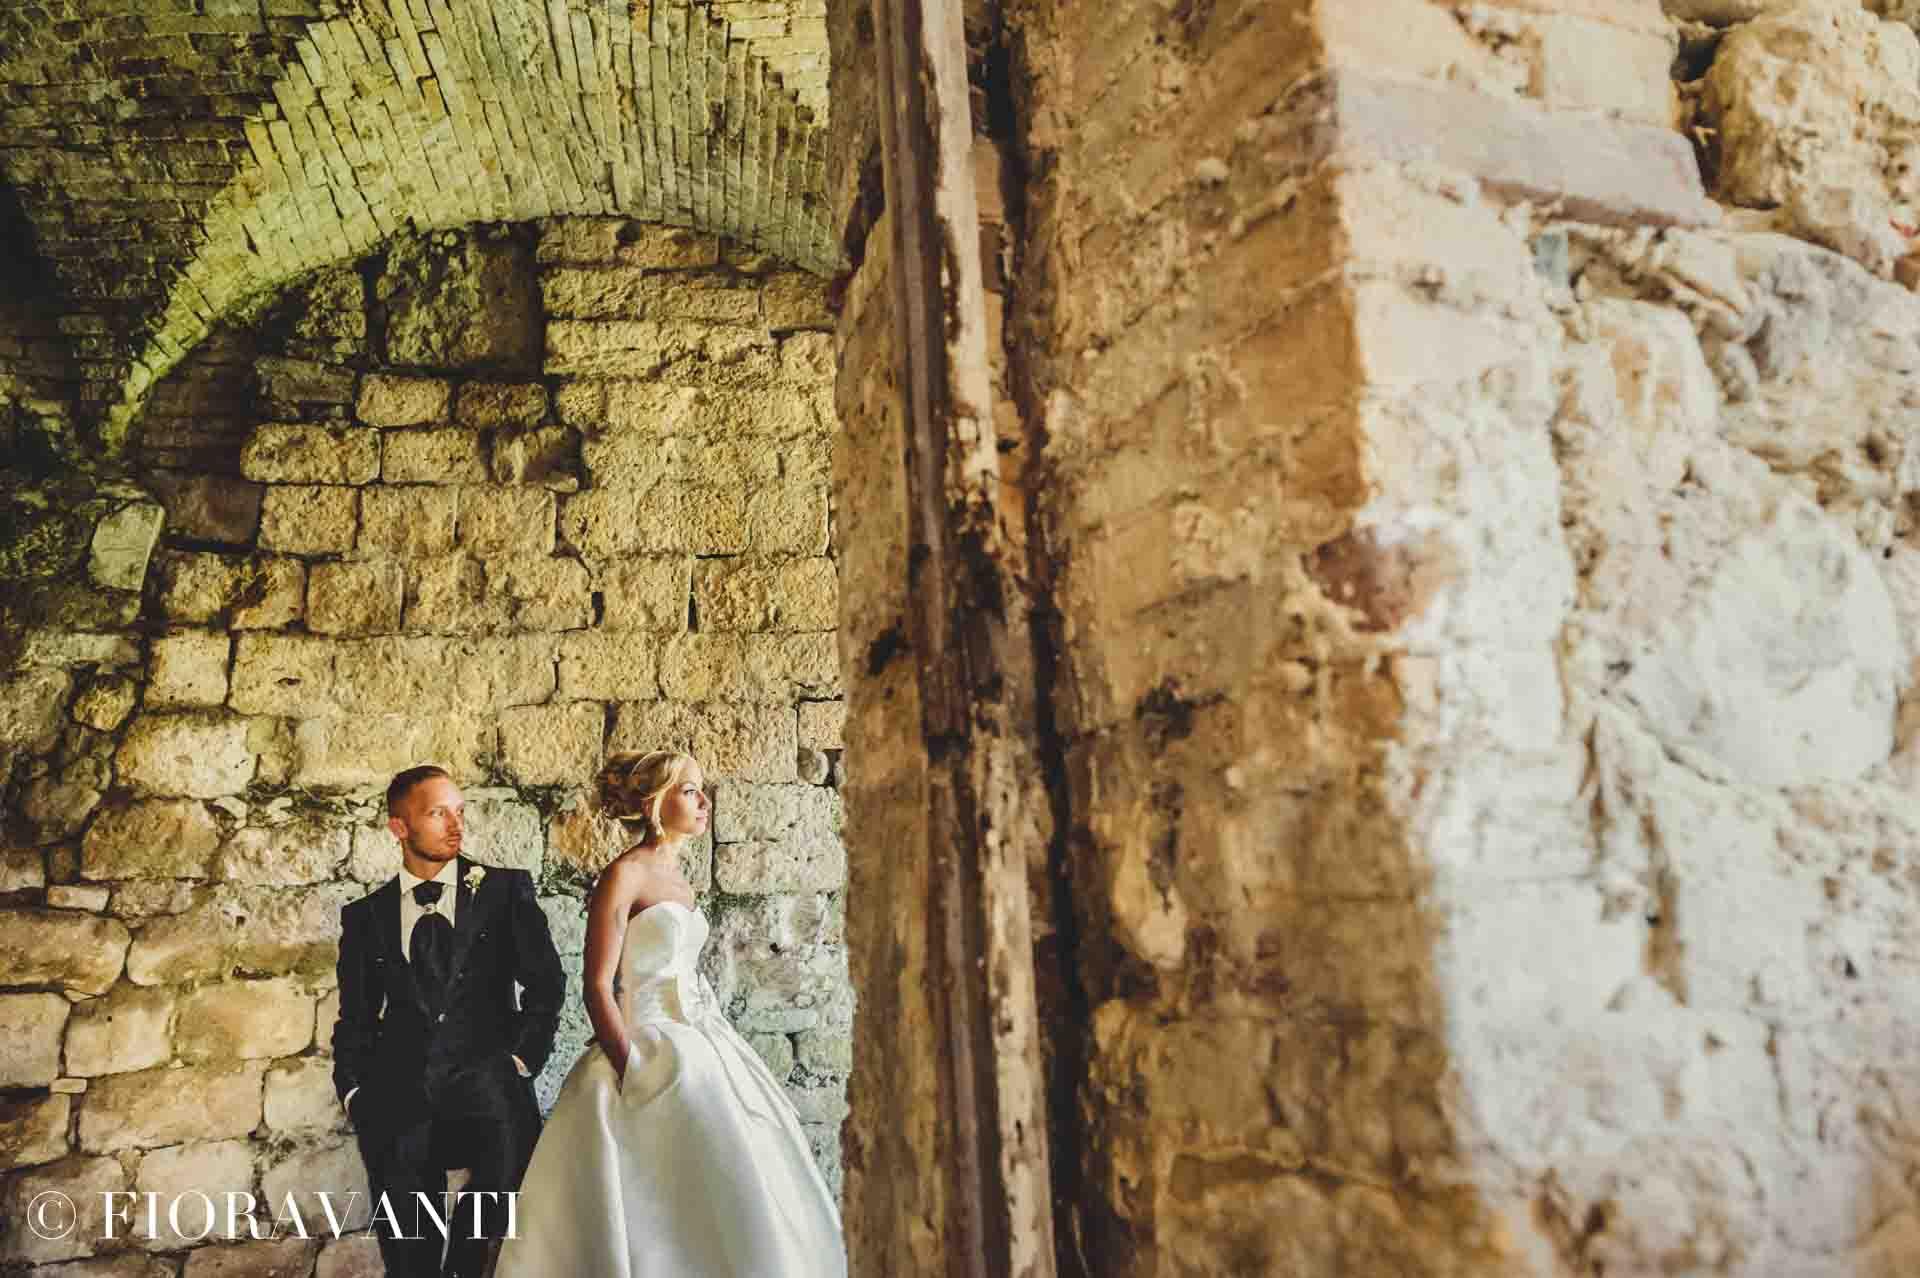 Fotografo matrimoni Marche Studio Fotografico Fioravanti Ascoli Piceno Livio Fioravanti Fotografo Matrimonio Ascoli Piceno 41